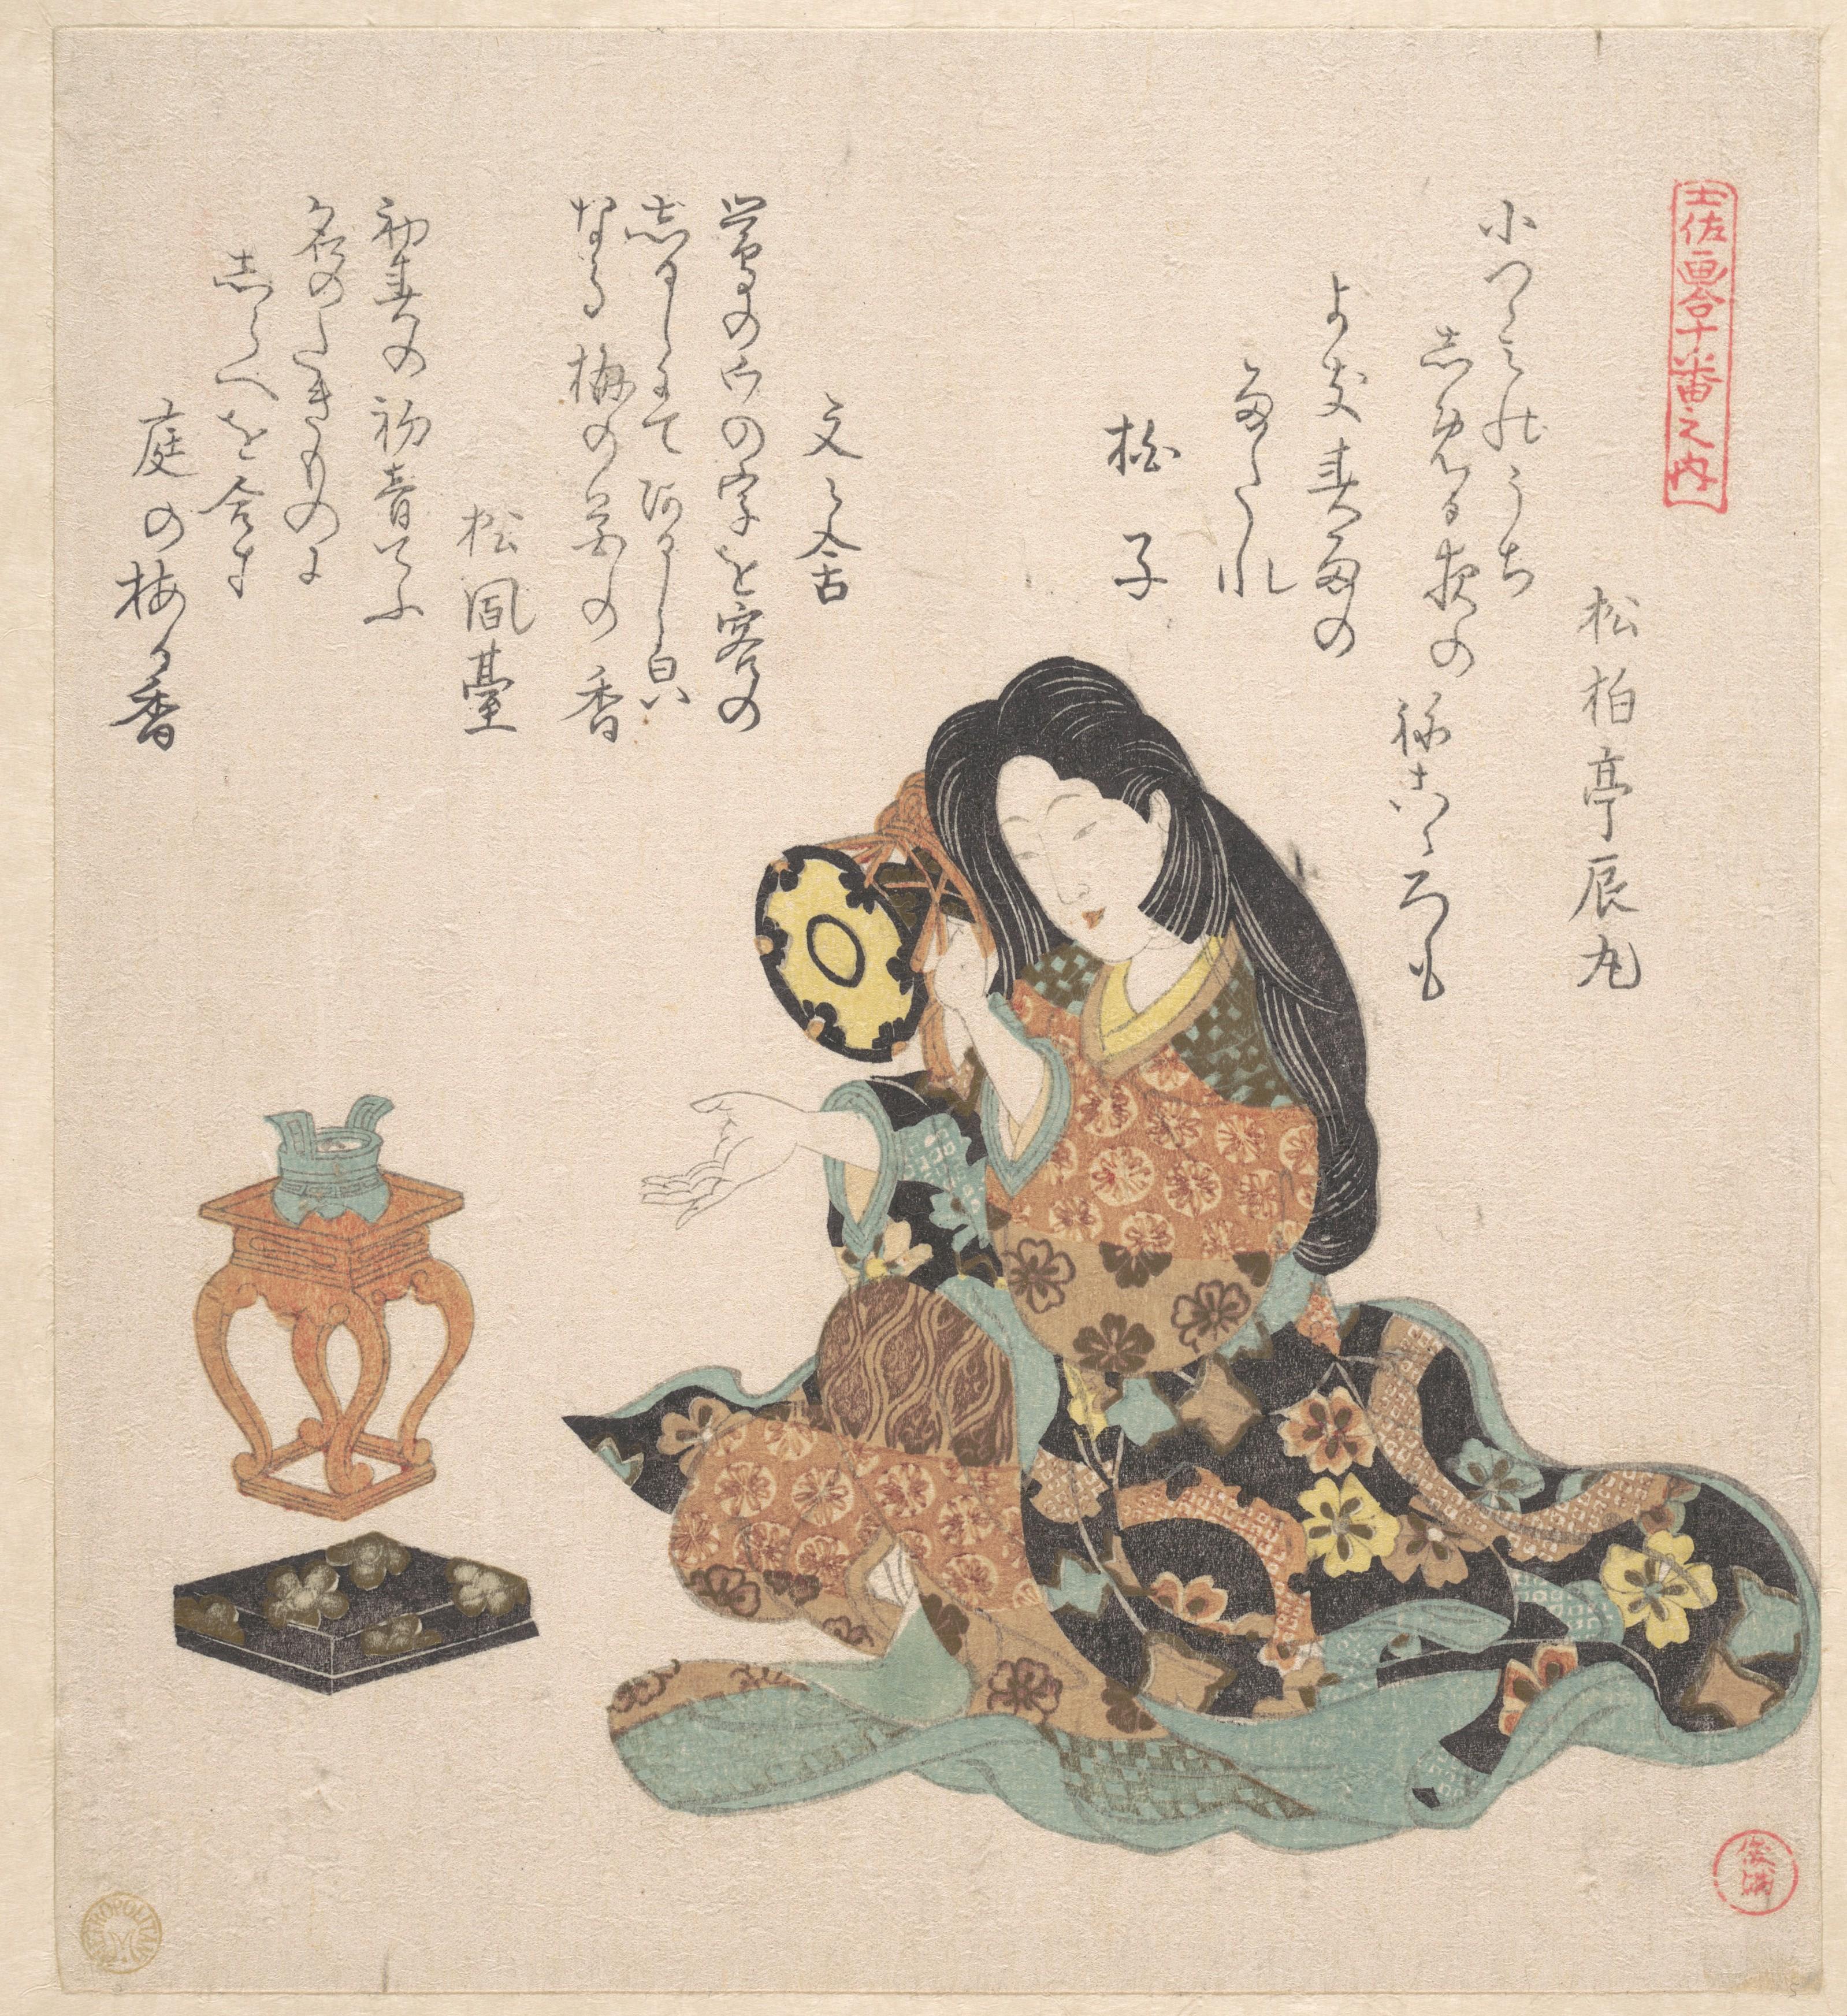 Женщина, играющая на цузуми_ок.1800_200х179 мм